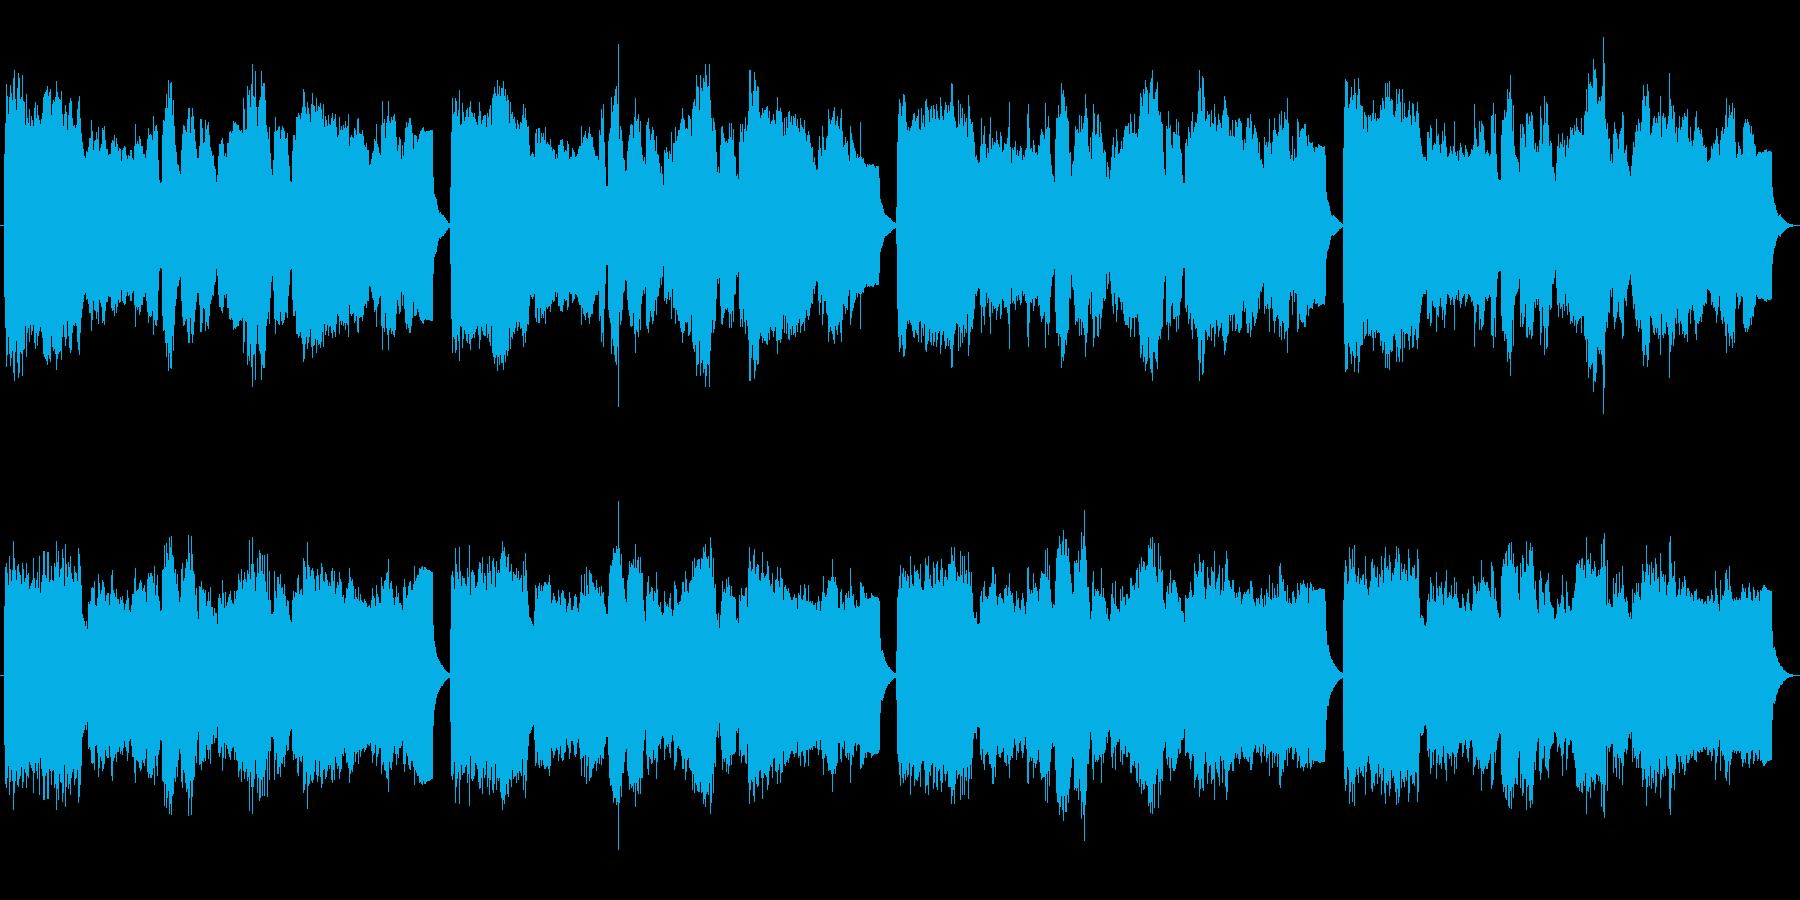 バッハG線上のアリア パイプオルガンの再生済みの波形